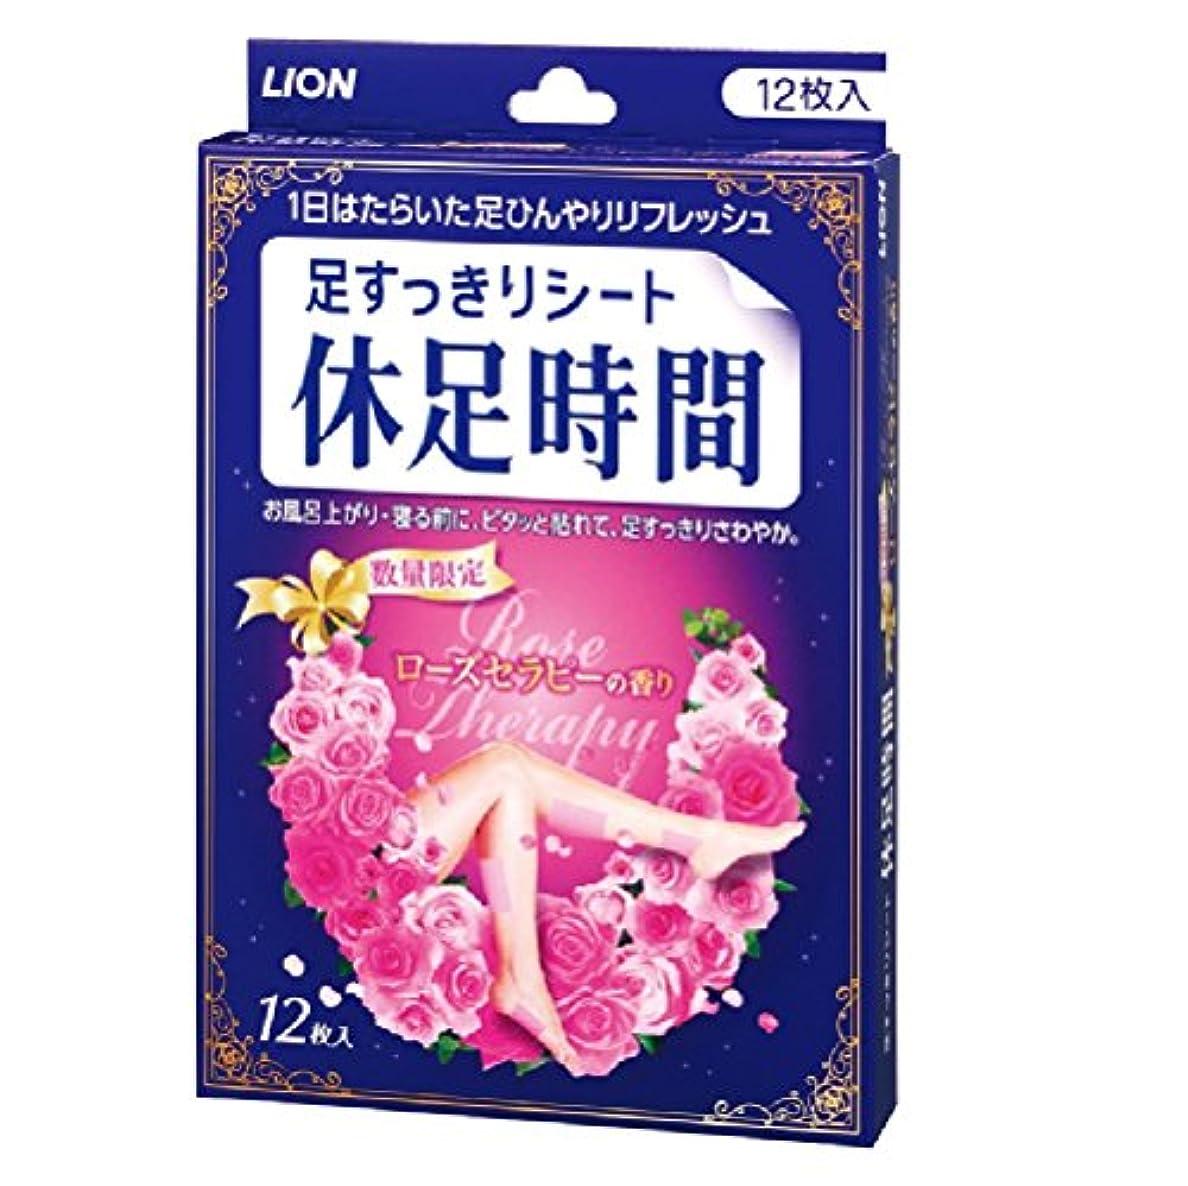 見つけるエアコン制限休足時間 ローズセラピーの香り 12枚